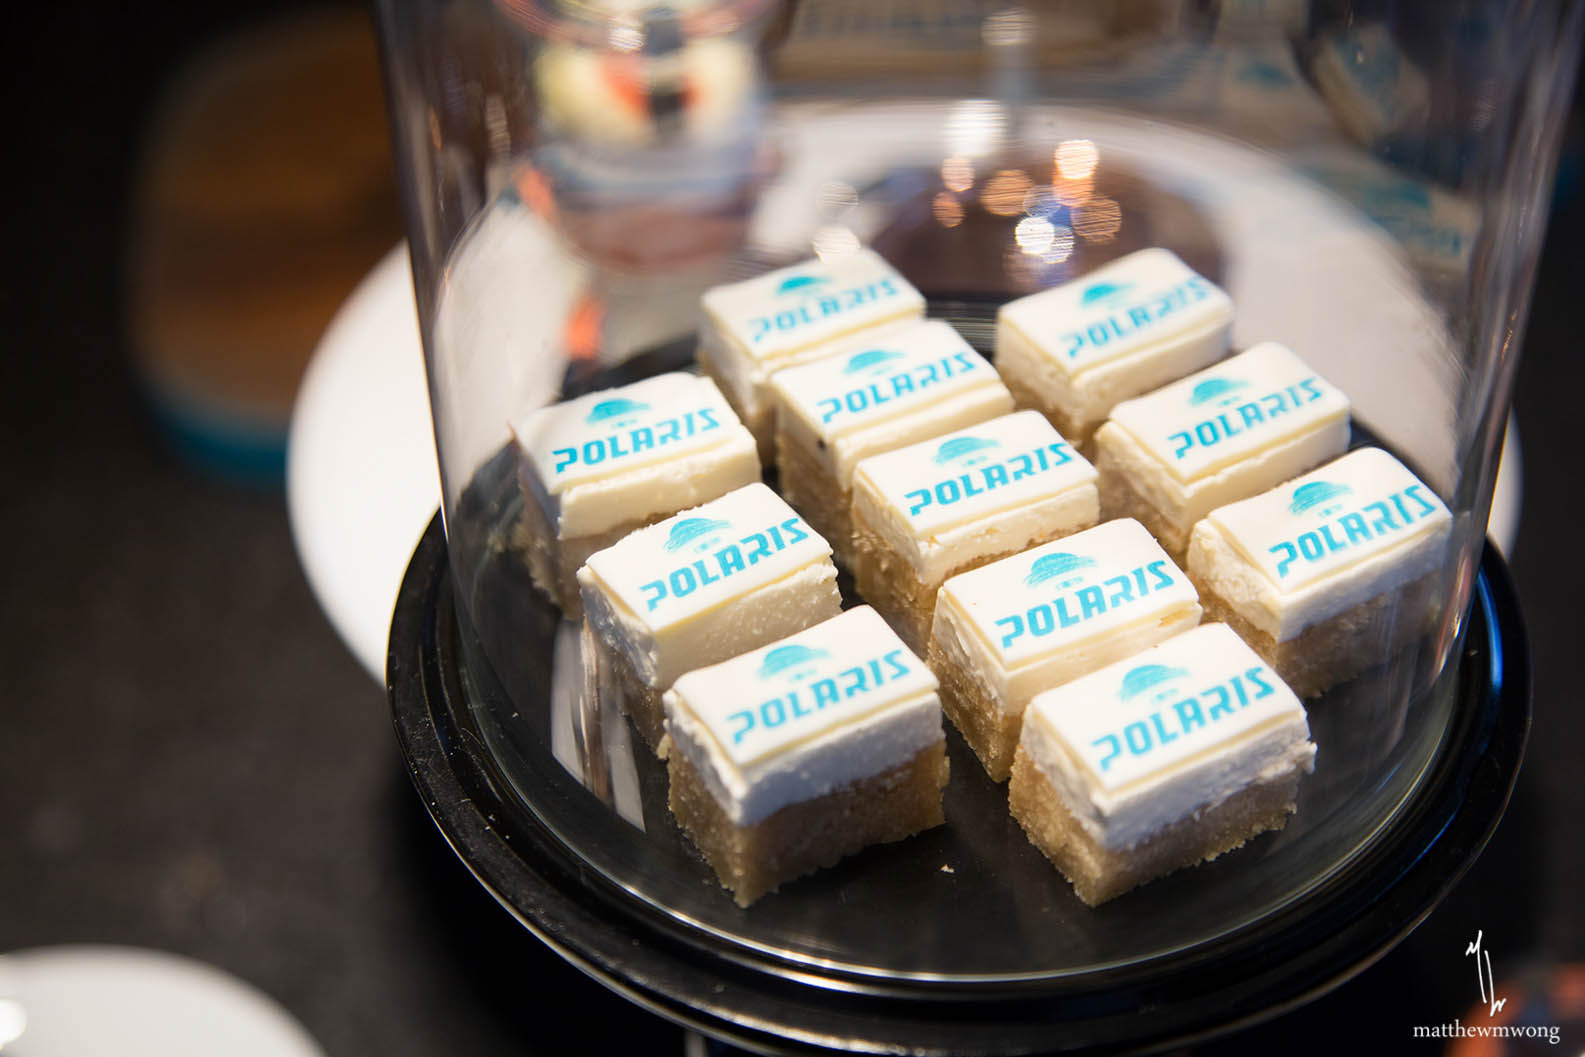 Polaris Cakes